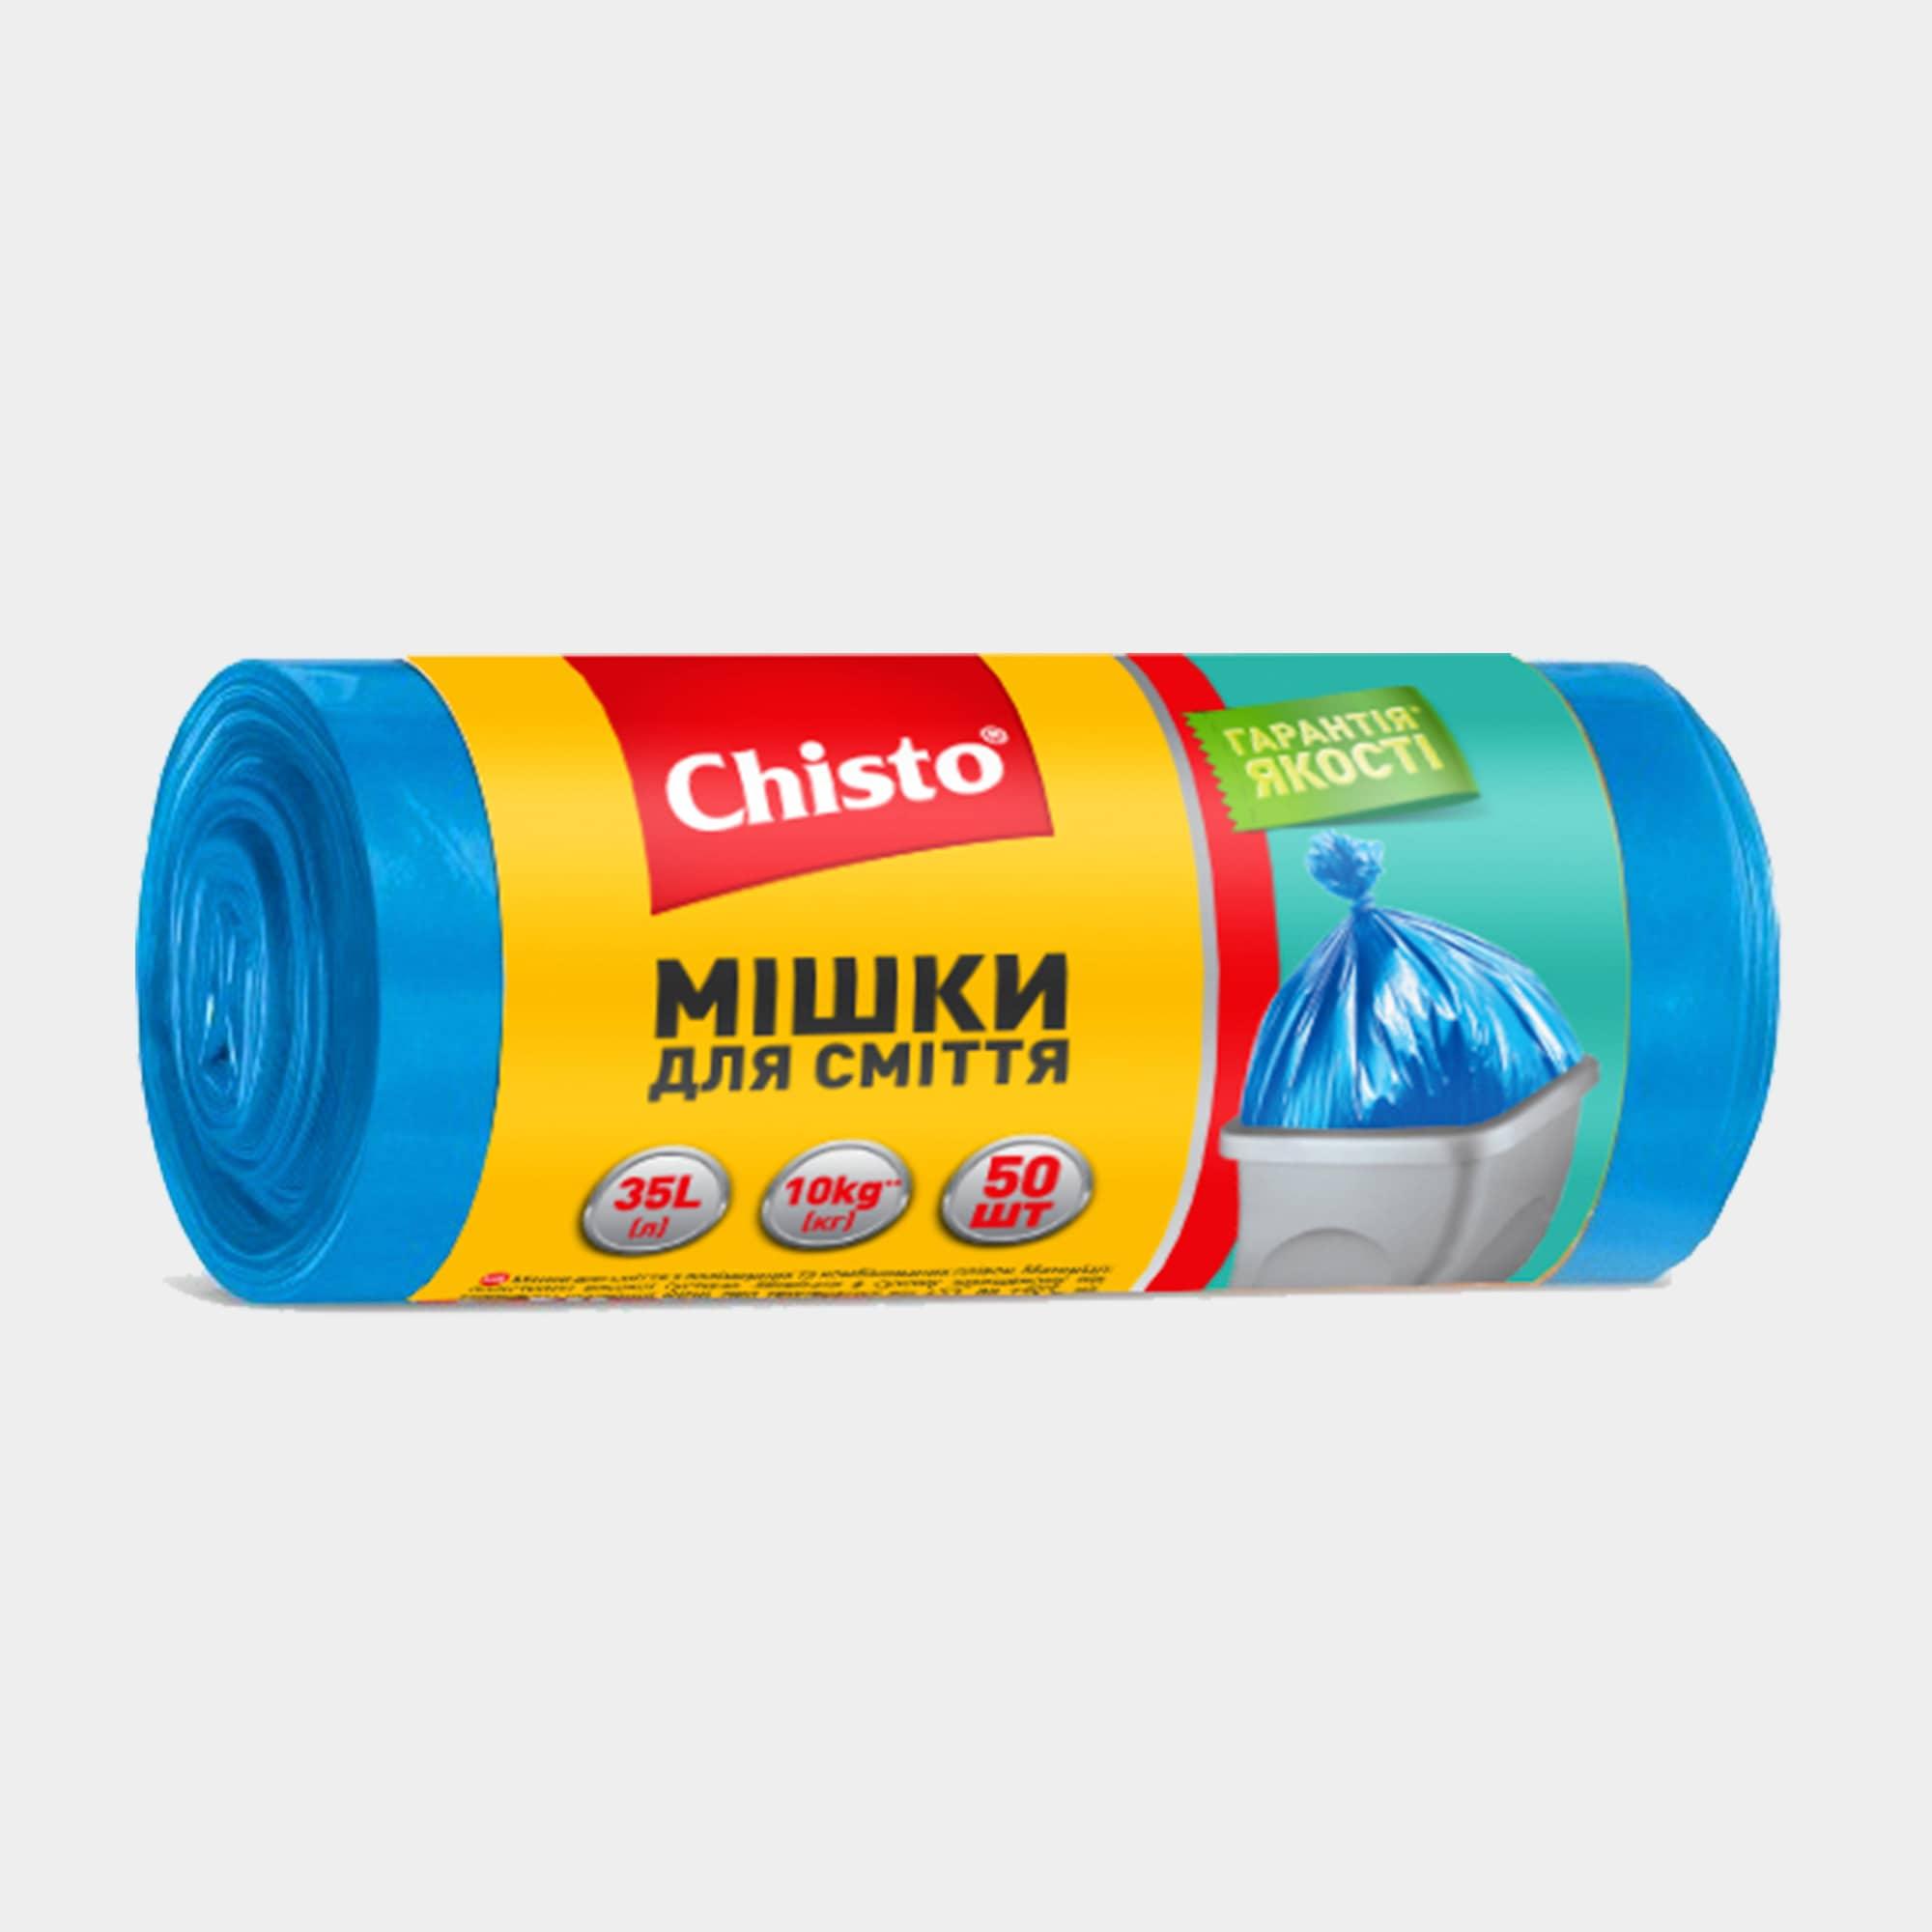 Мешки для мусора, 35л х 50шт. | Продукция ТМ Chisto